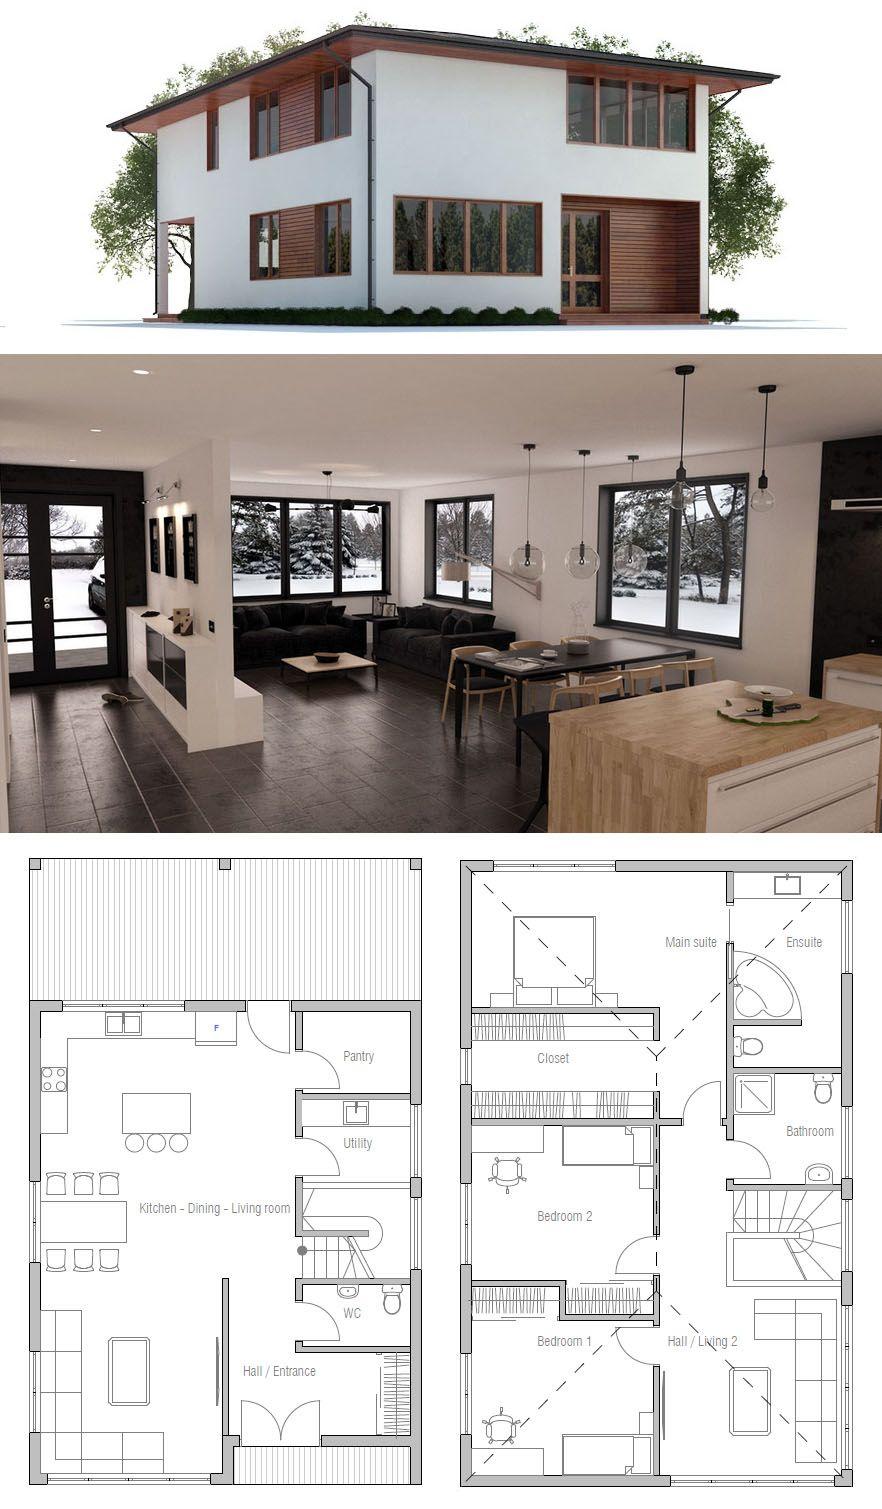 Plan De Maison Maison Maison Modernes Petite Maison Ksha